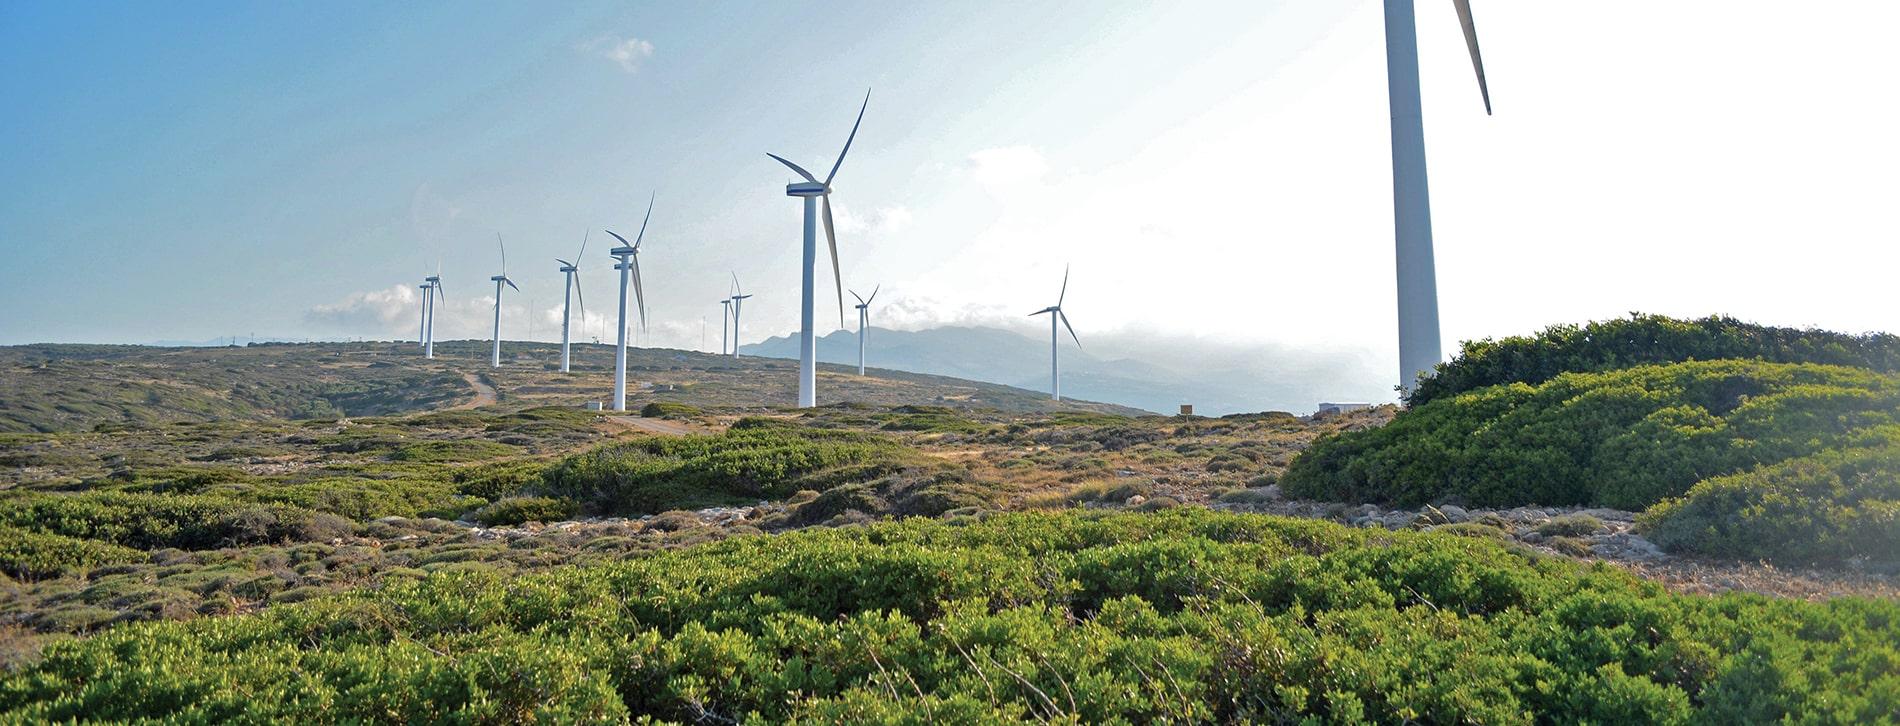 Dimitriades Windmill